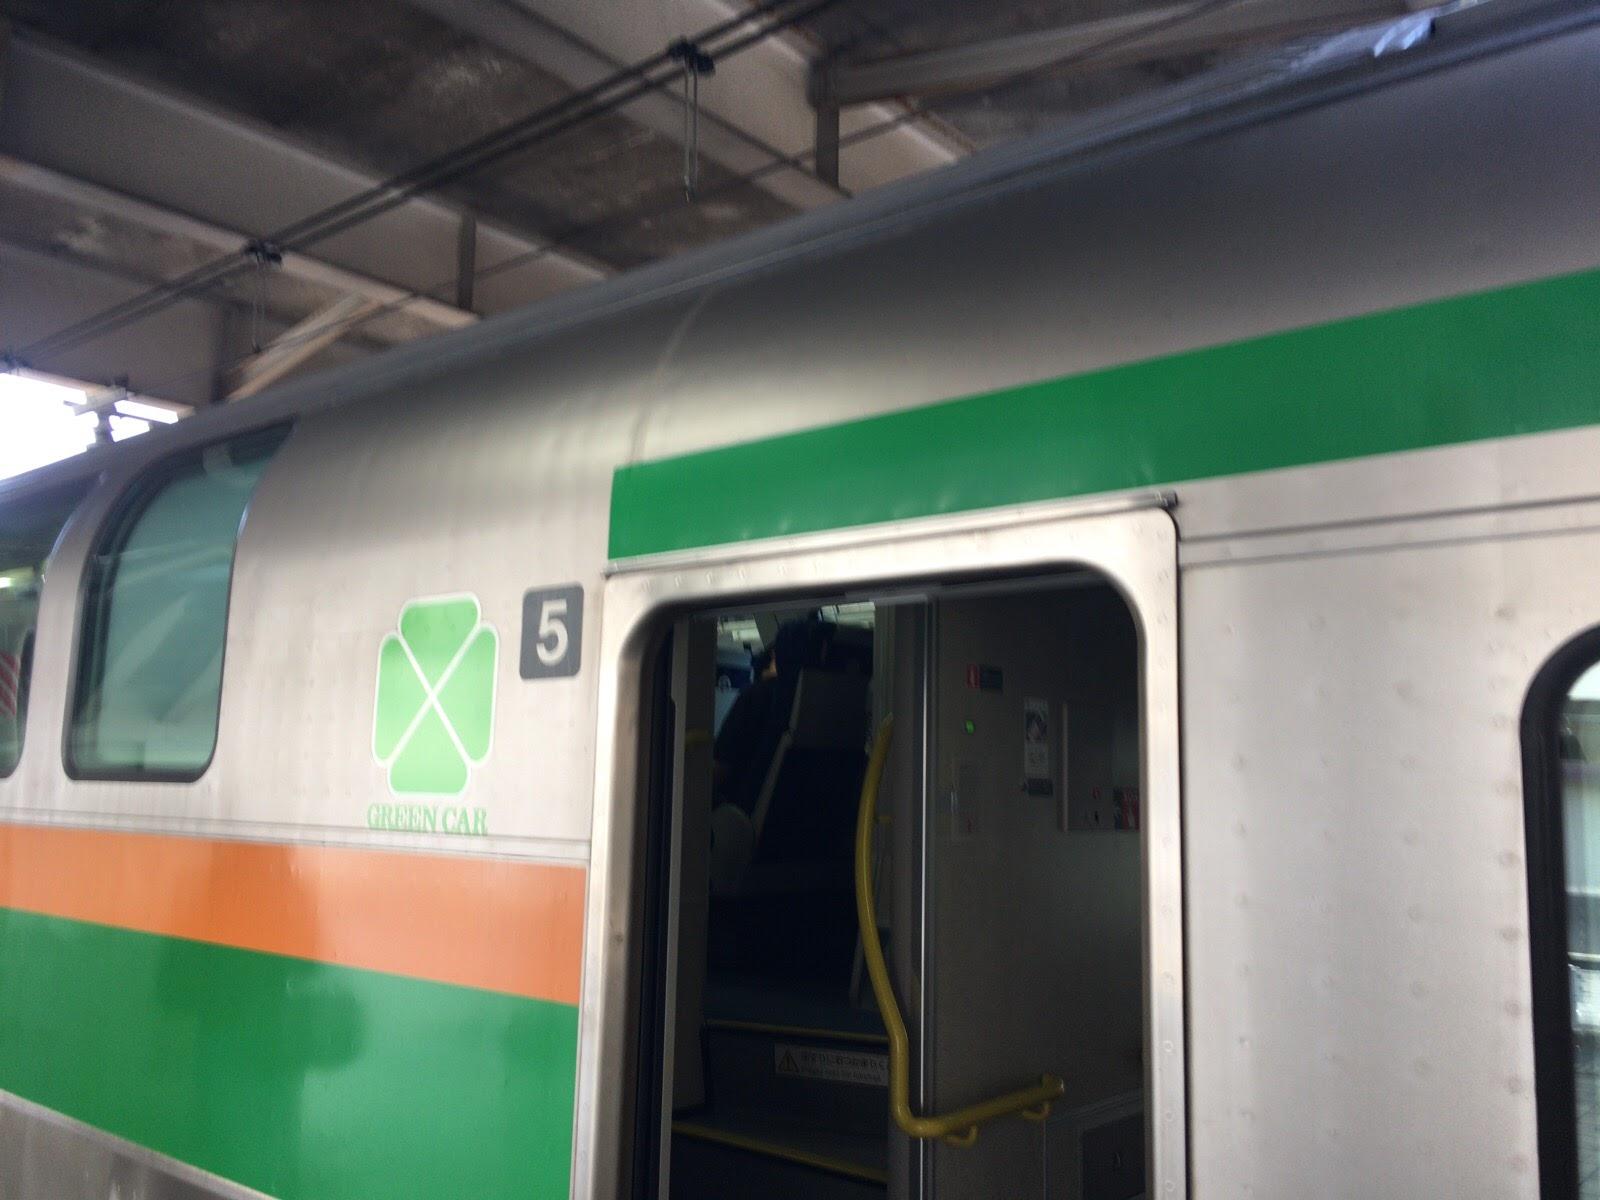 普通列車グリーン車で池袋から鎌倉へ。ブログは順調に更新、だけどJR東日本に提言したい3つのこと